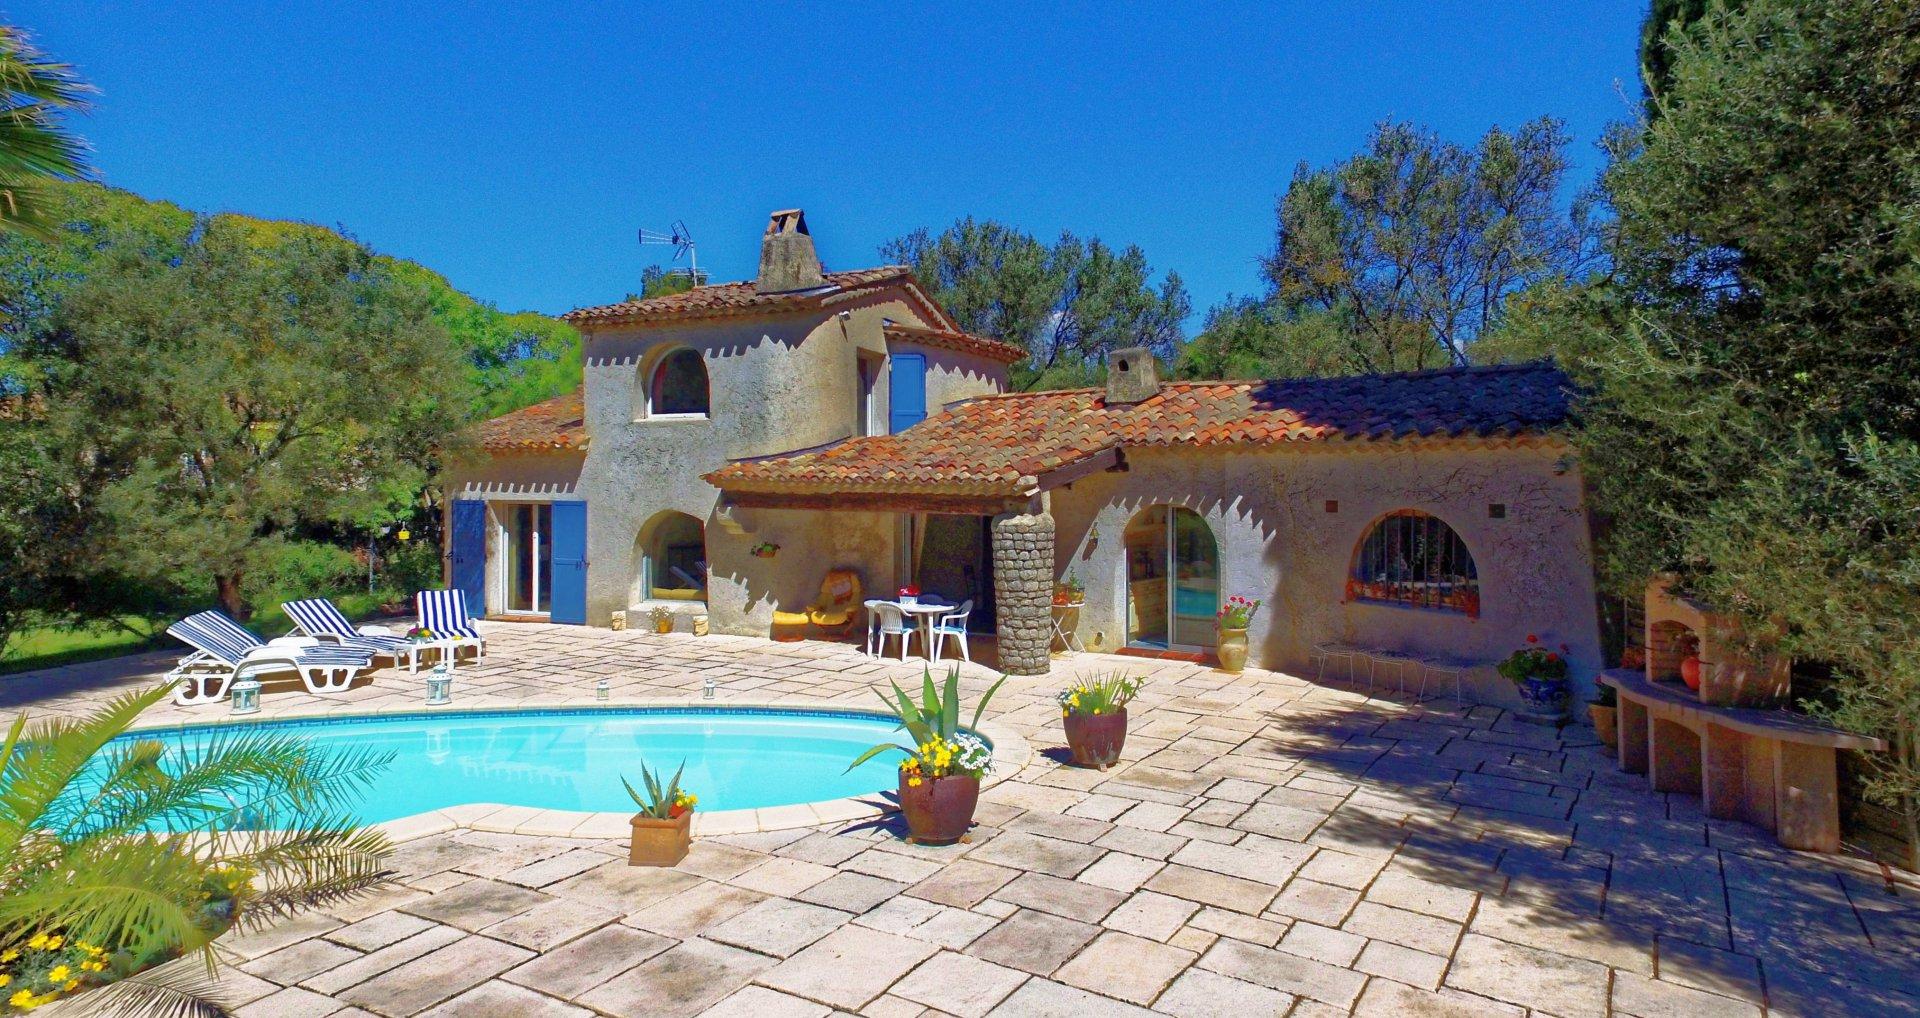 villa designed in the very original style